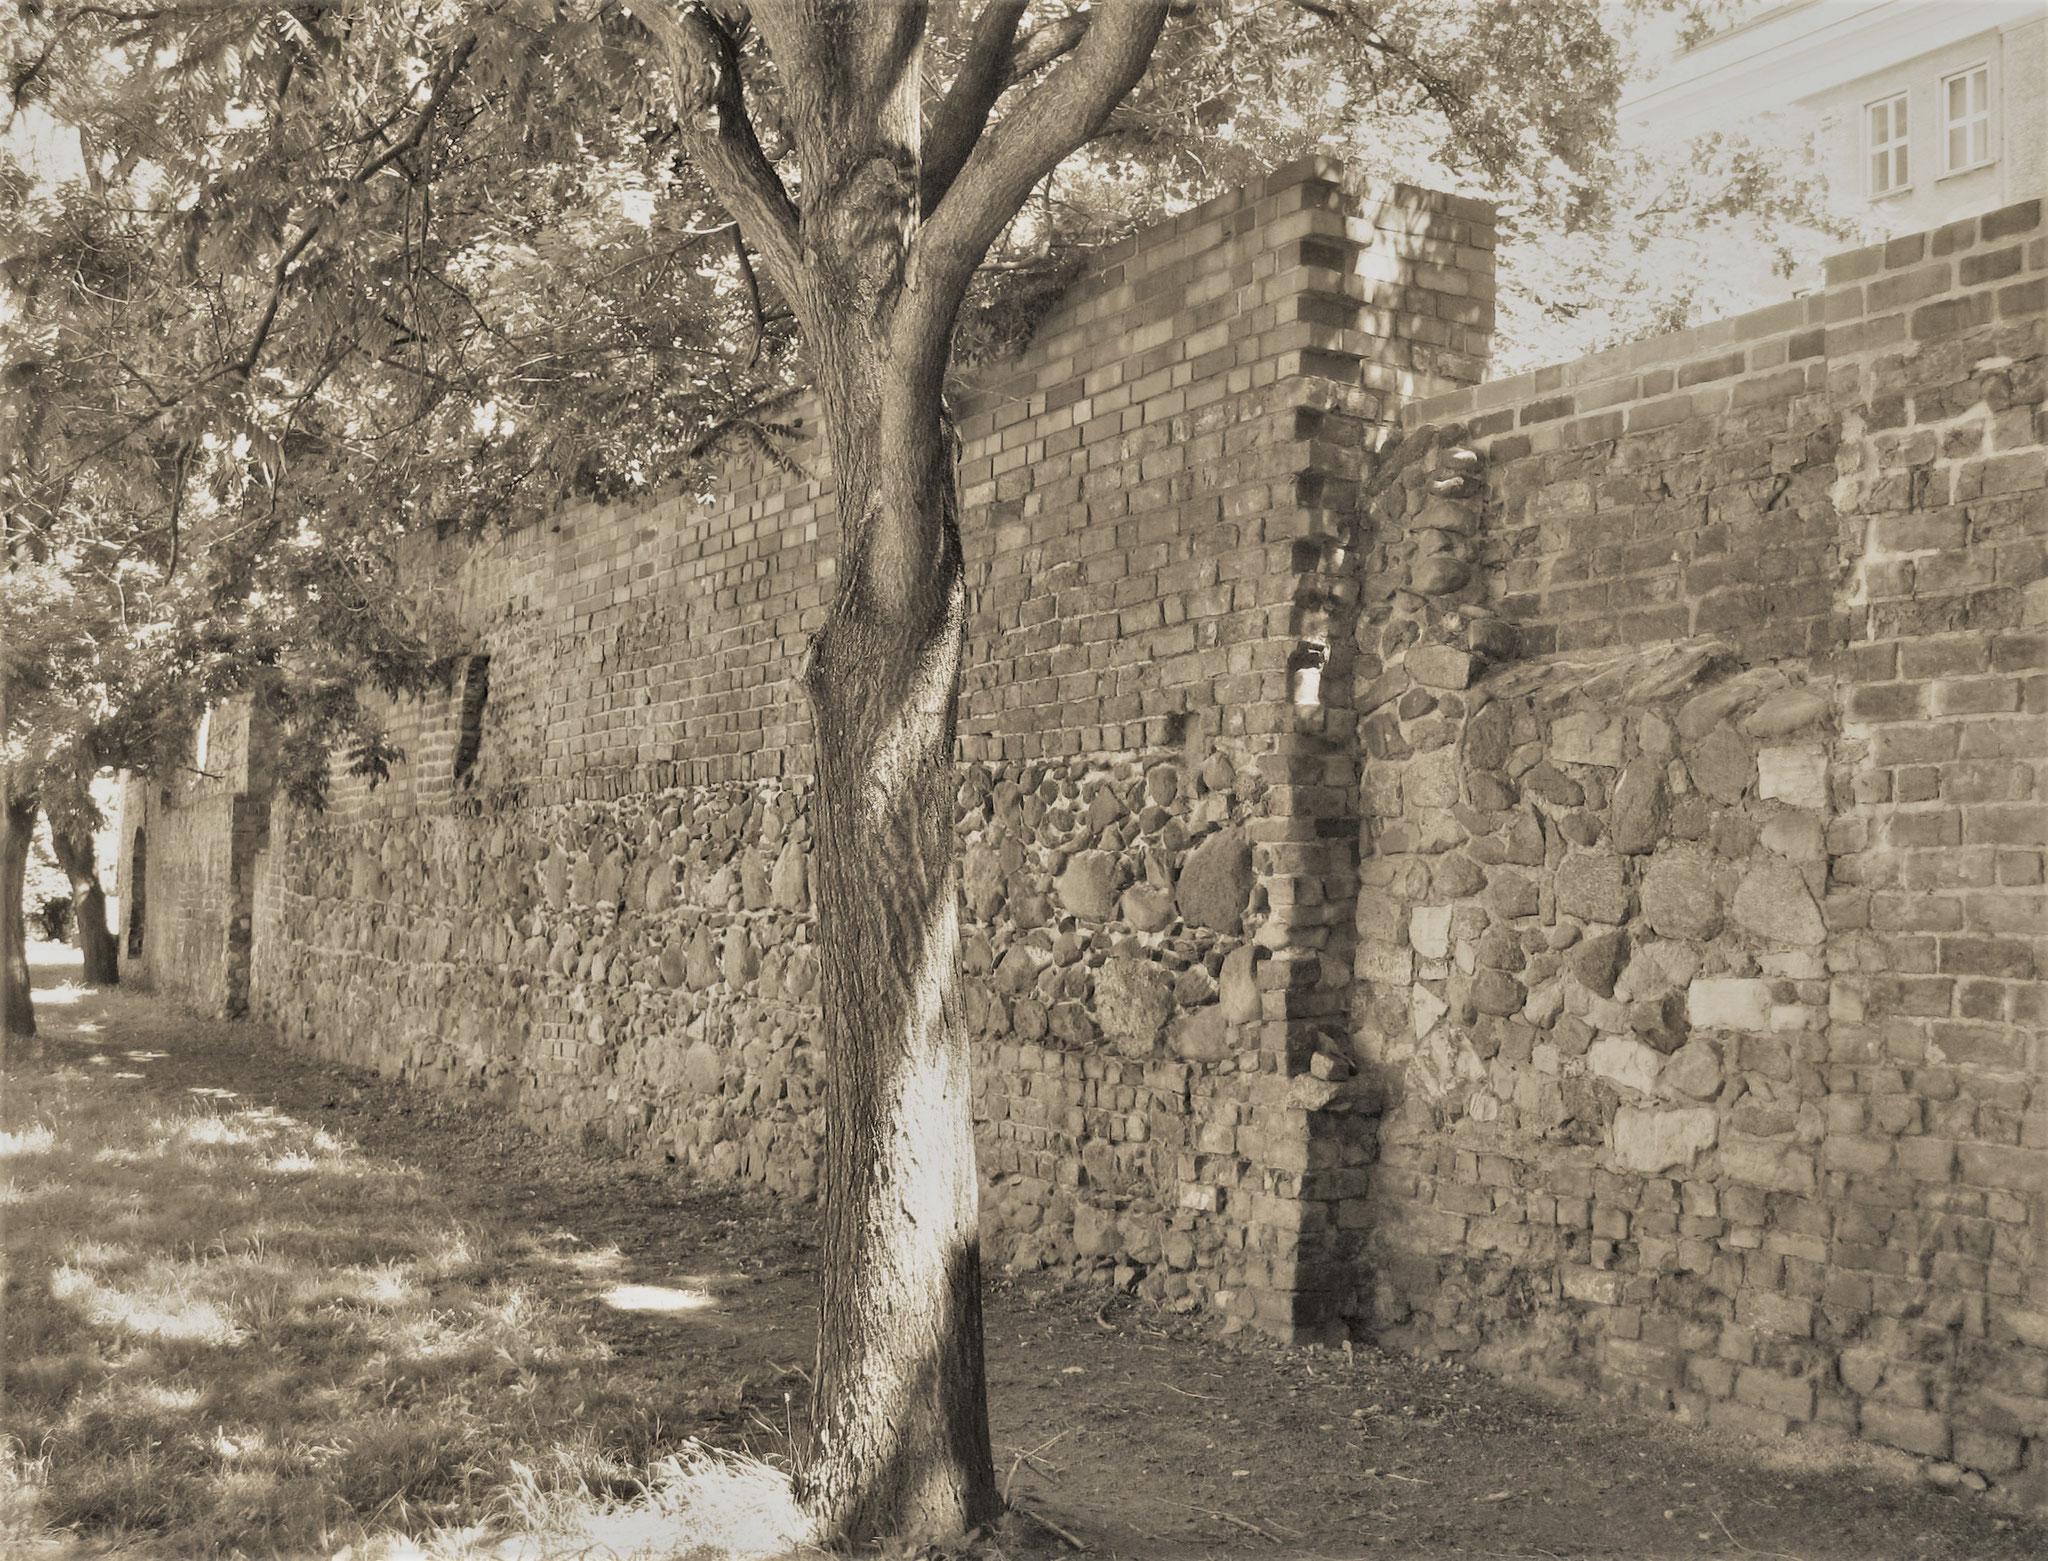 Überreste der ehemaligen Stadtmauer